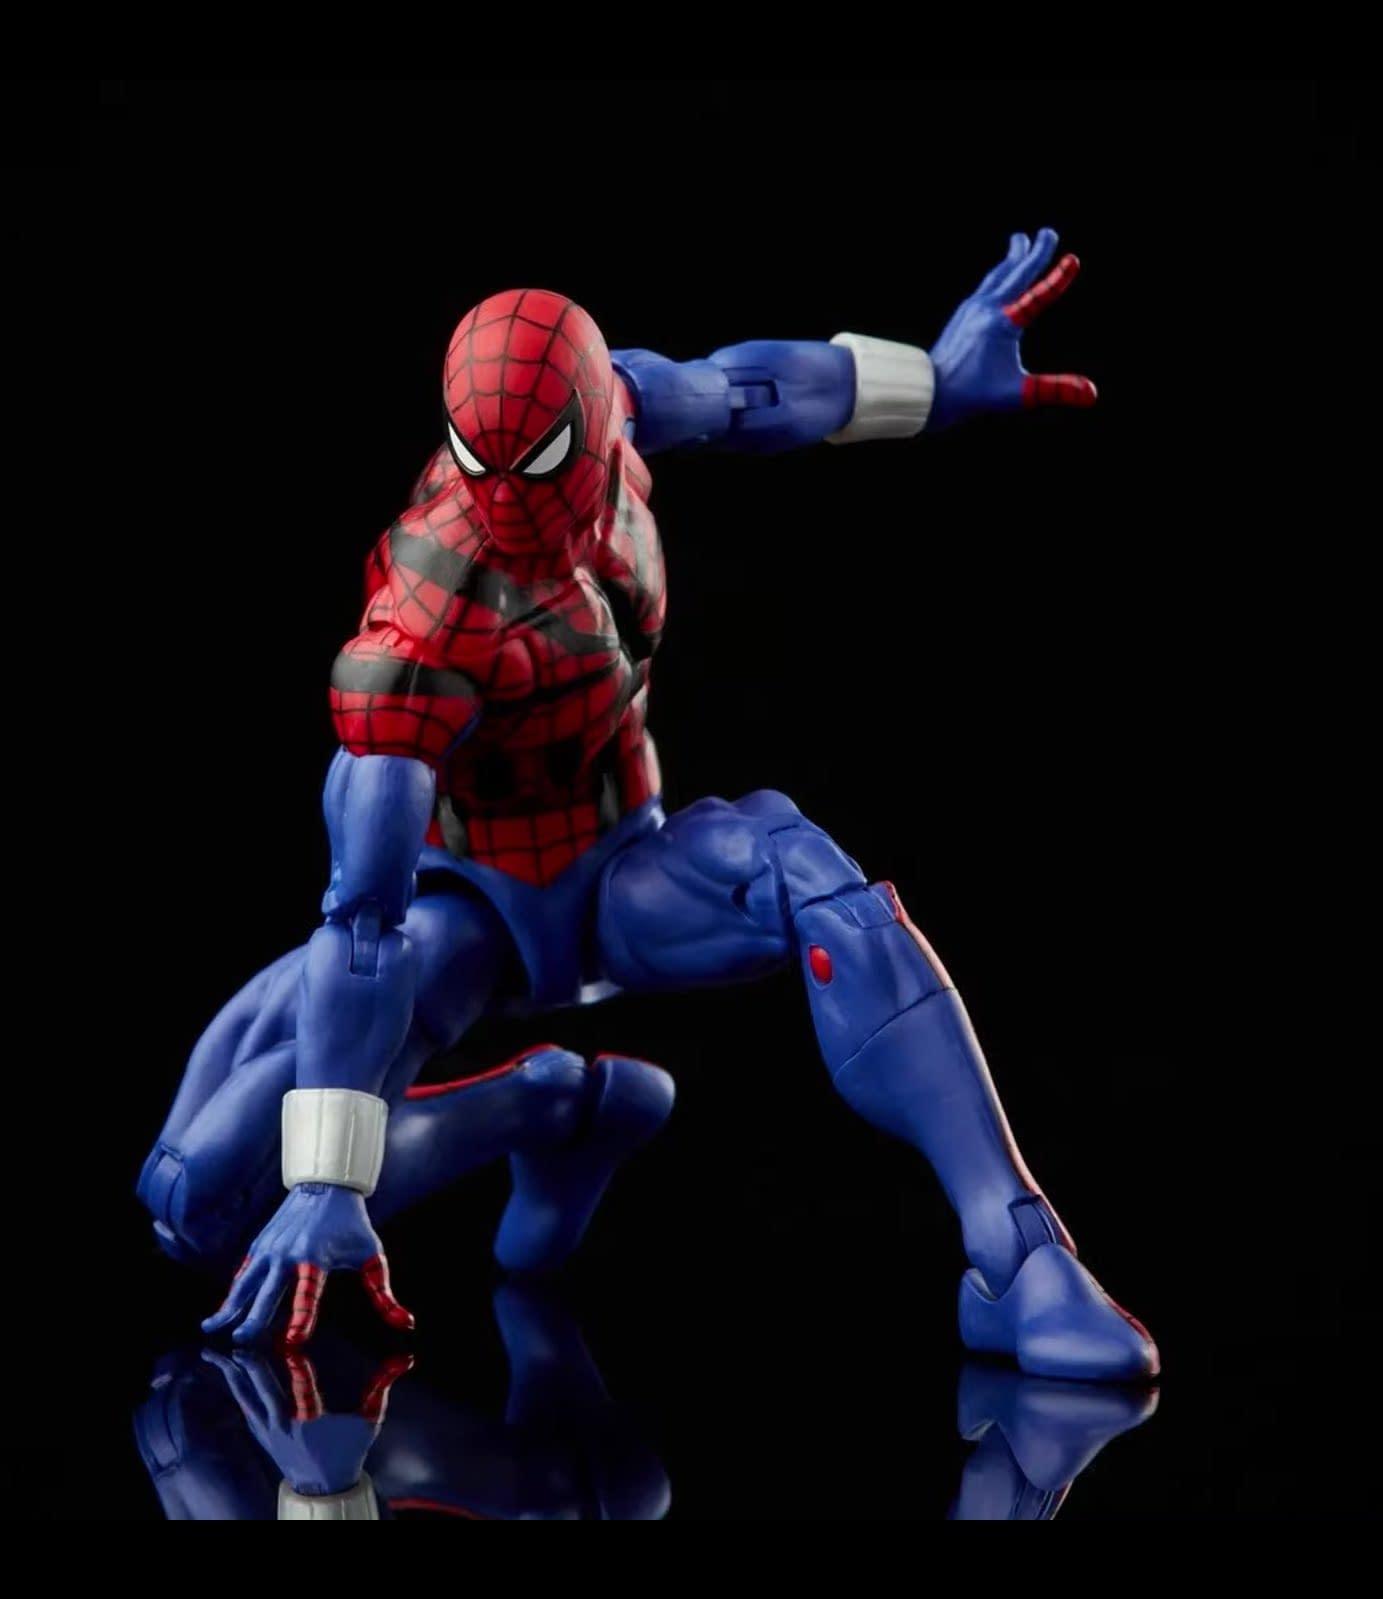 Marvel Legends Team Reveals New Spider-Man Wave, More